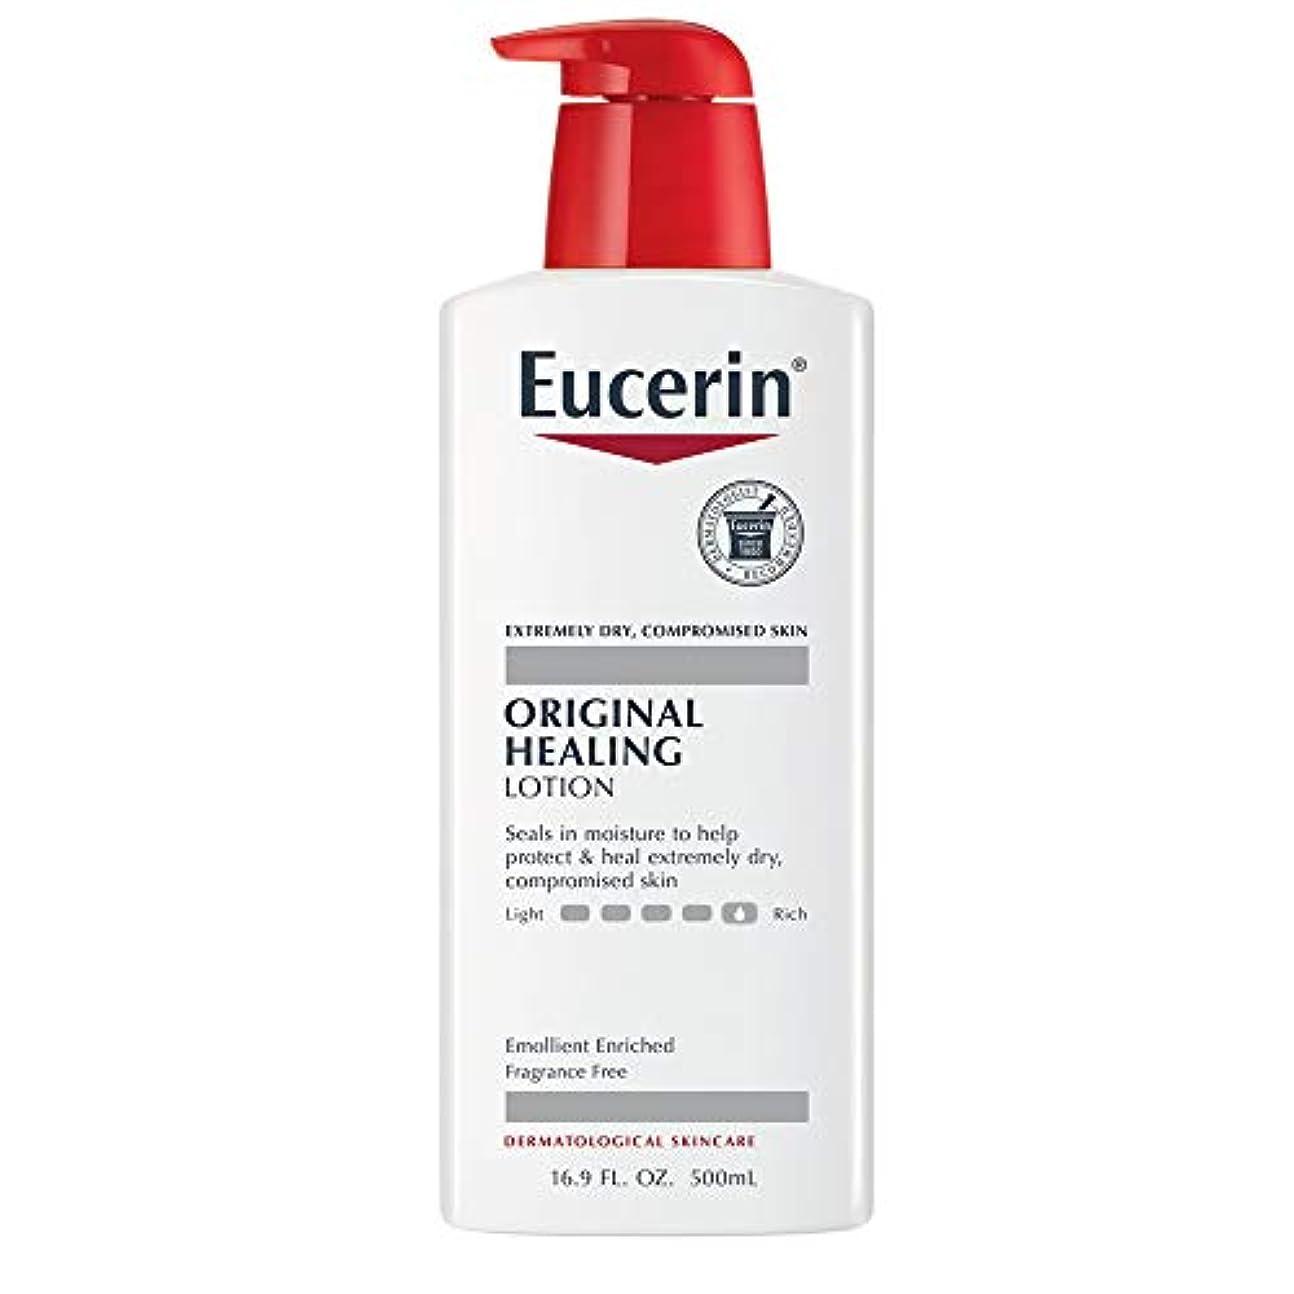 機械的なしで同意する海外直送肘 Eucerin Original Moisturizing Lotion For Dry And Sensitive Skin, 16.9 oz